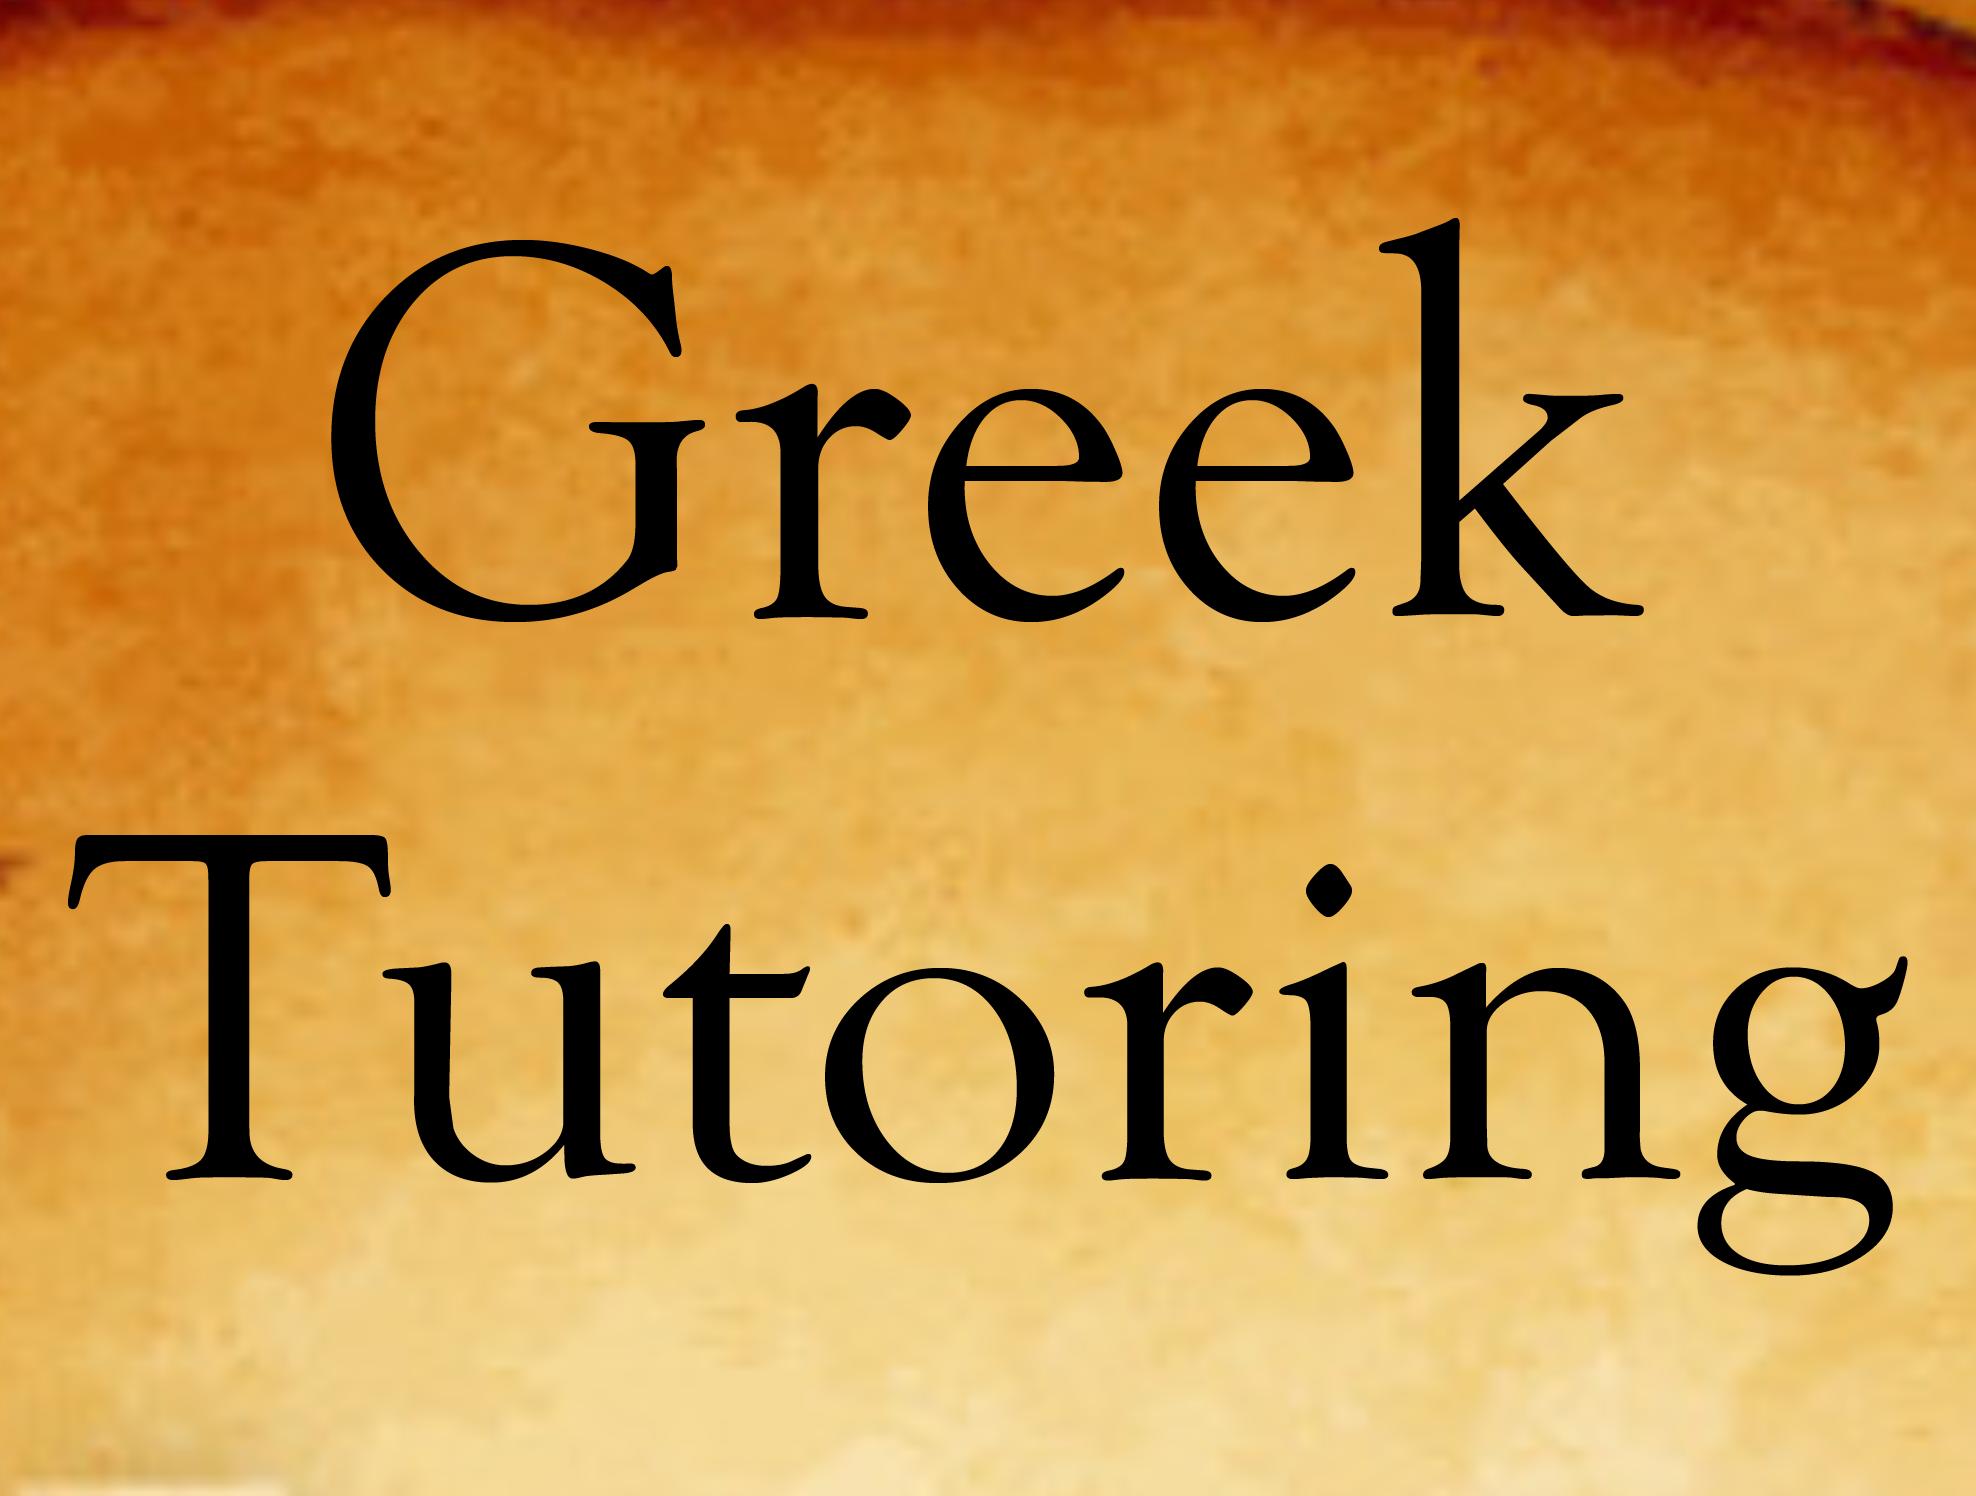 Free Greek Tutoring